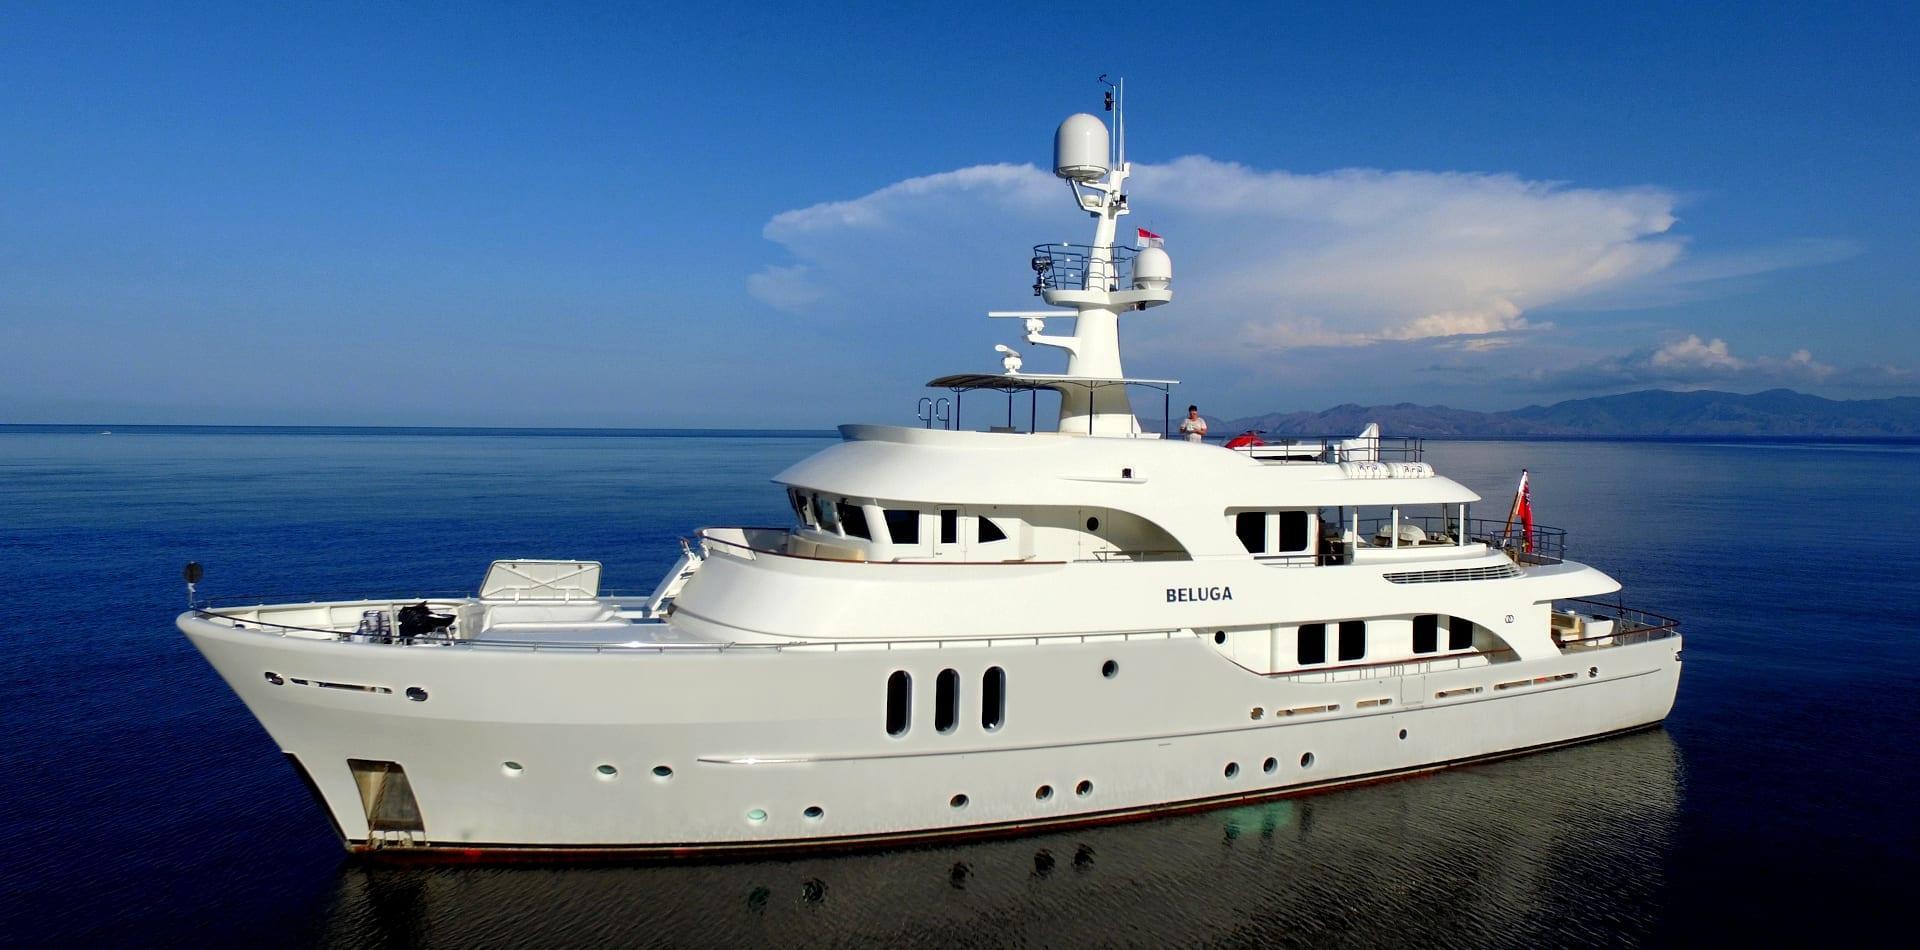 beluga motor yacht exterior hero